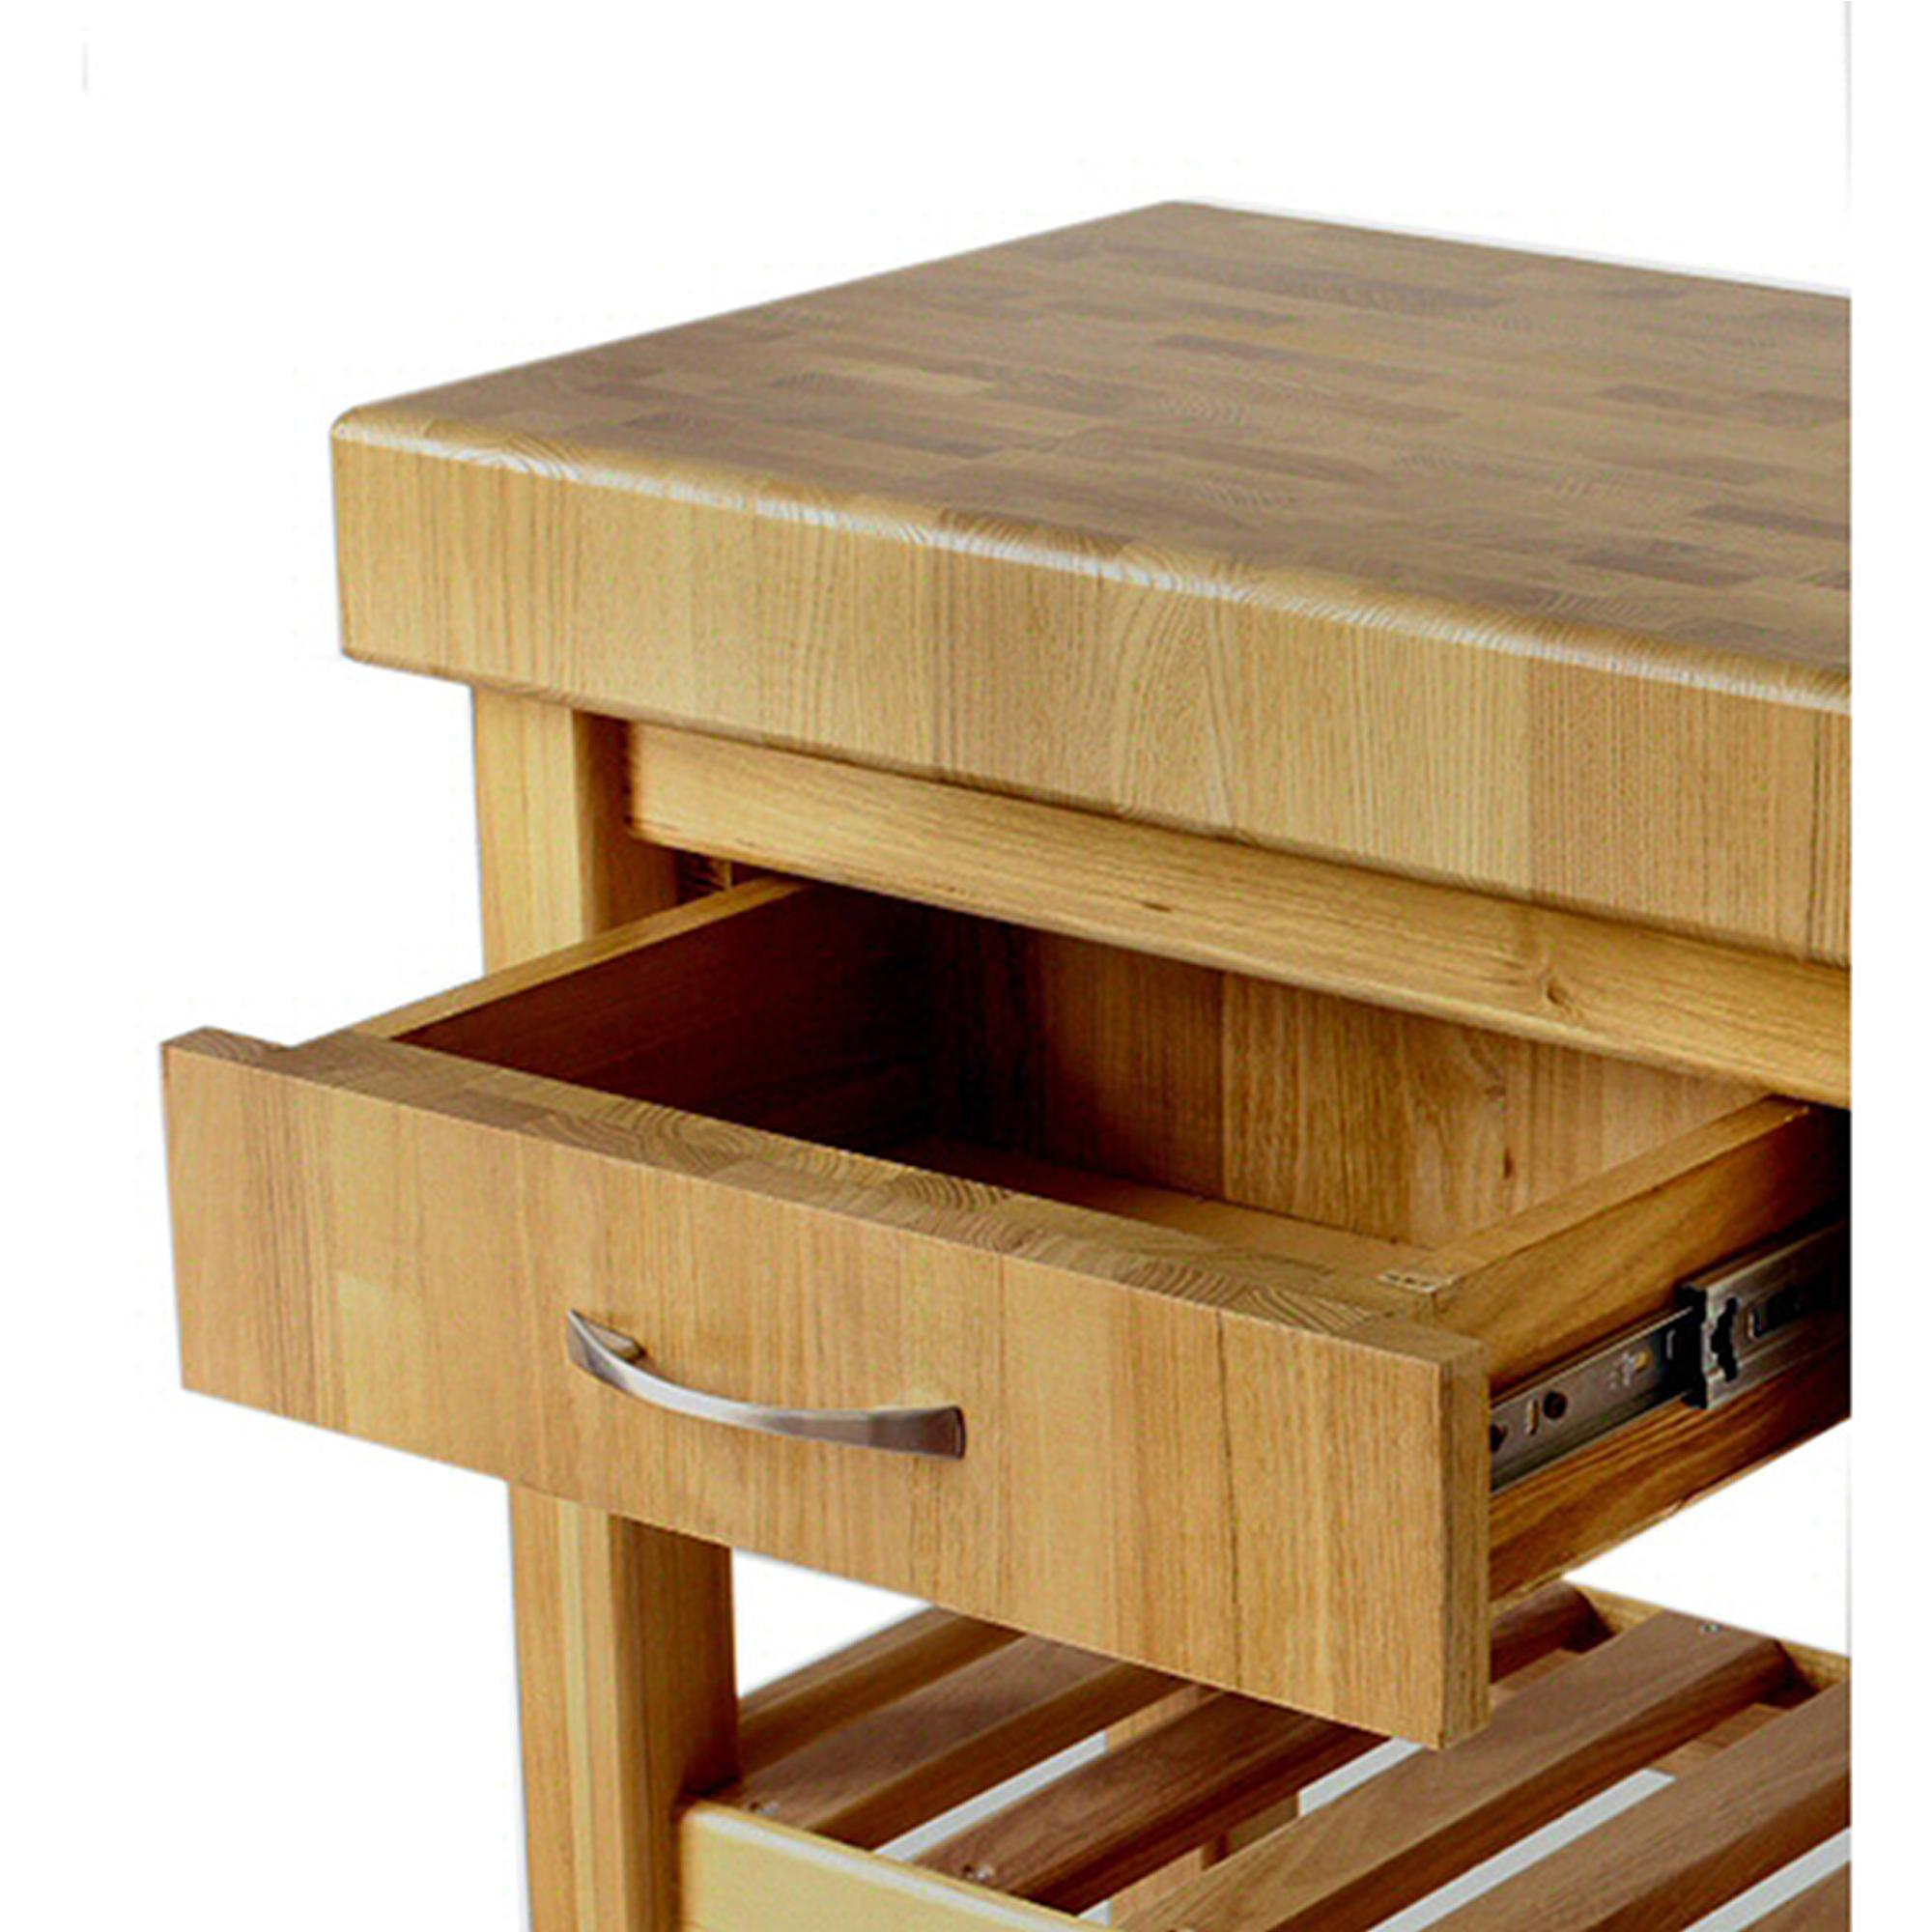 Carrello da cucina in legno massello con cassetto 60x40xh85 cm con ...